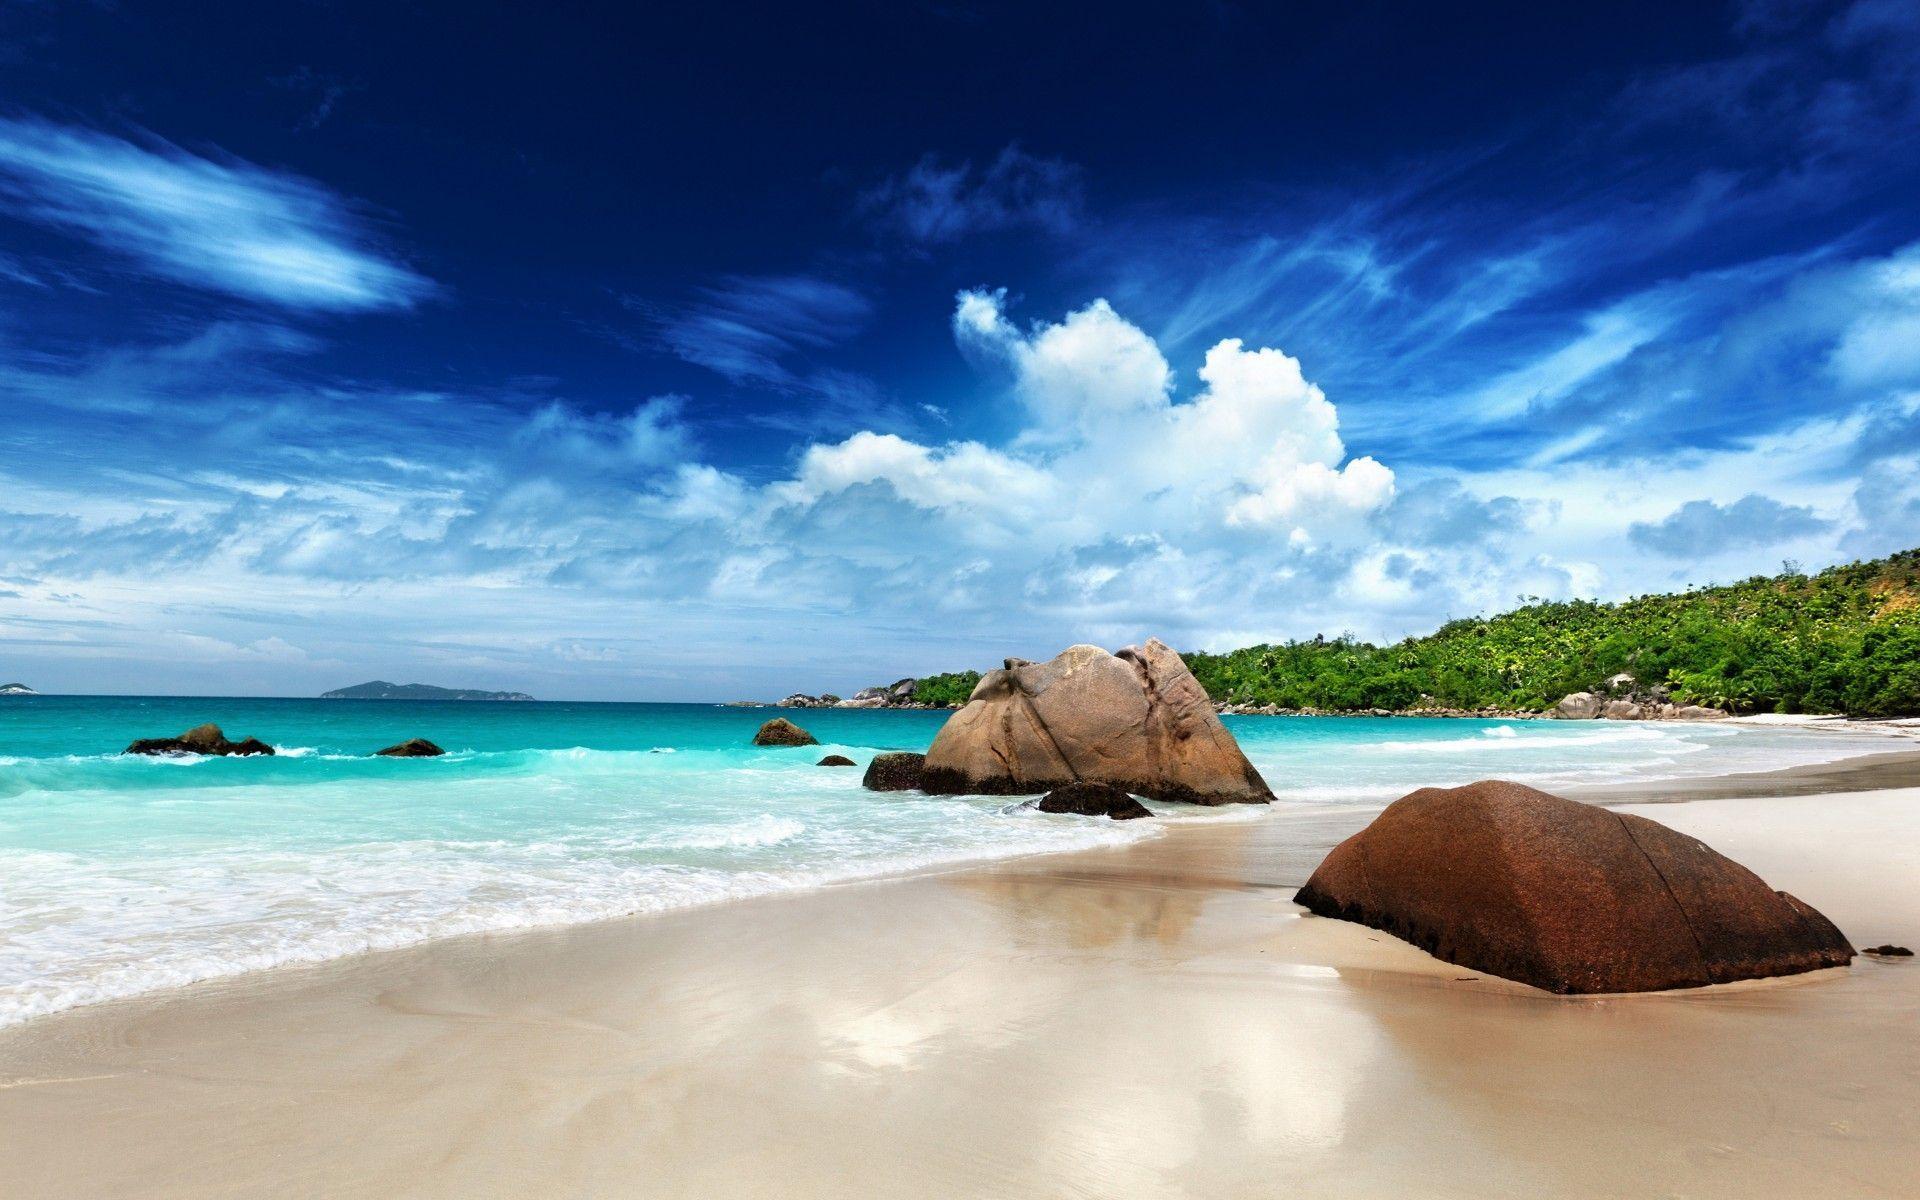 beach paradise beaches - photo #6